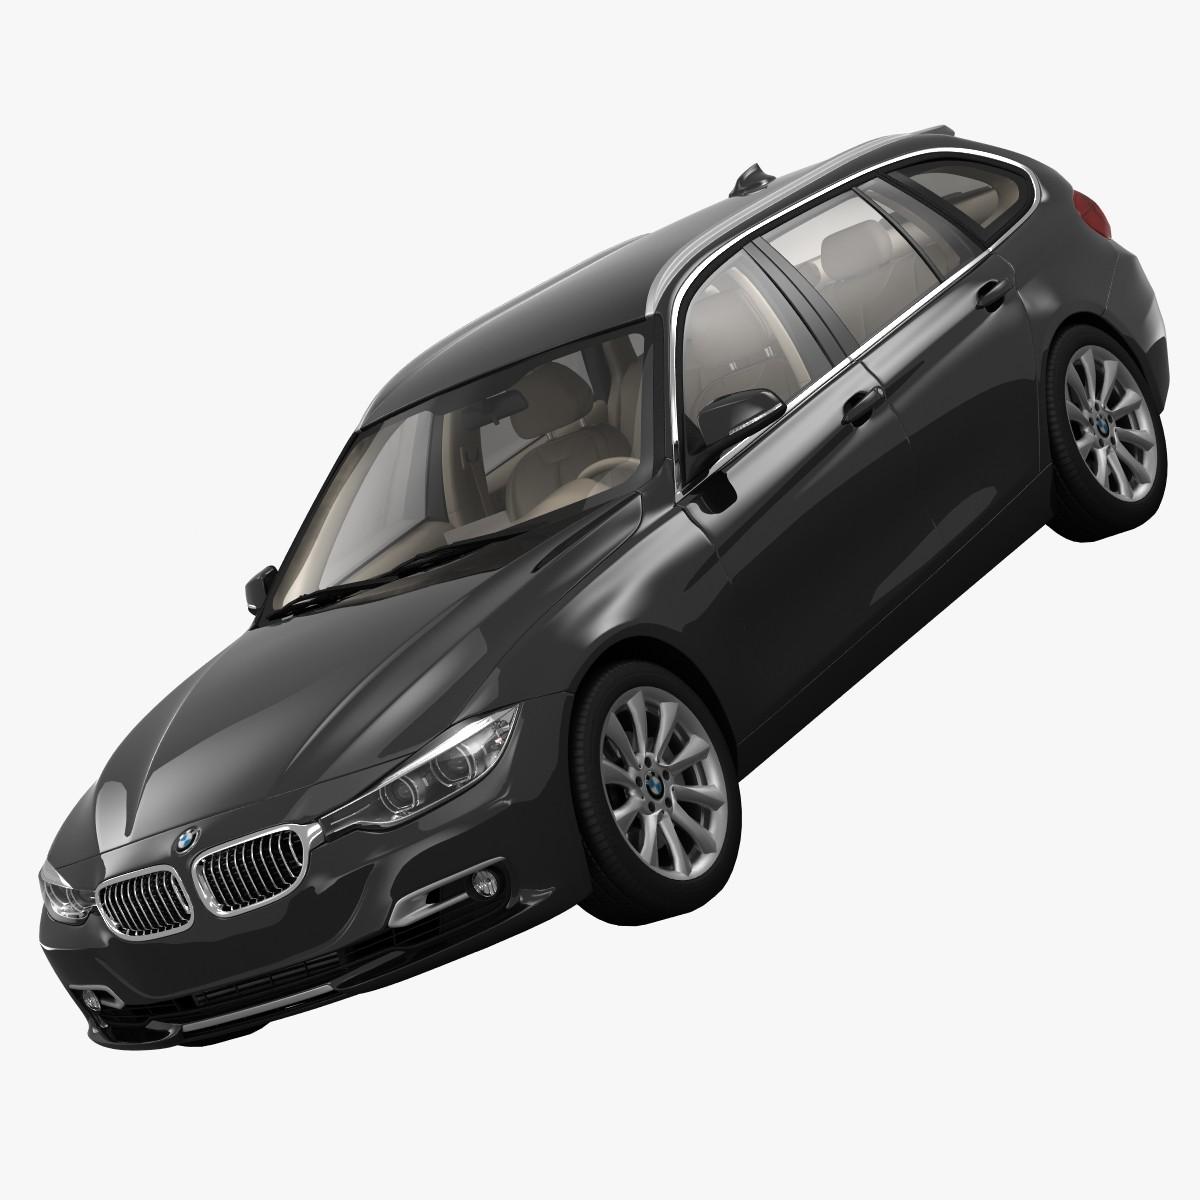 BMW_F31_1.jpg